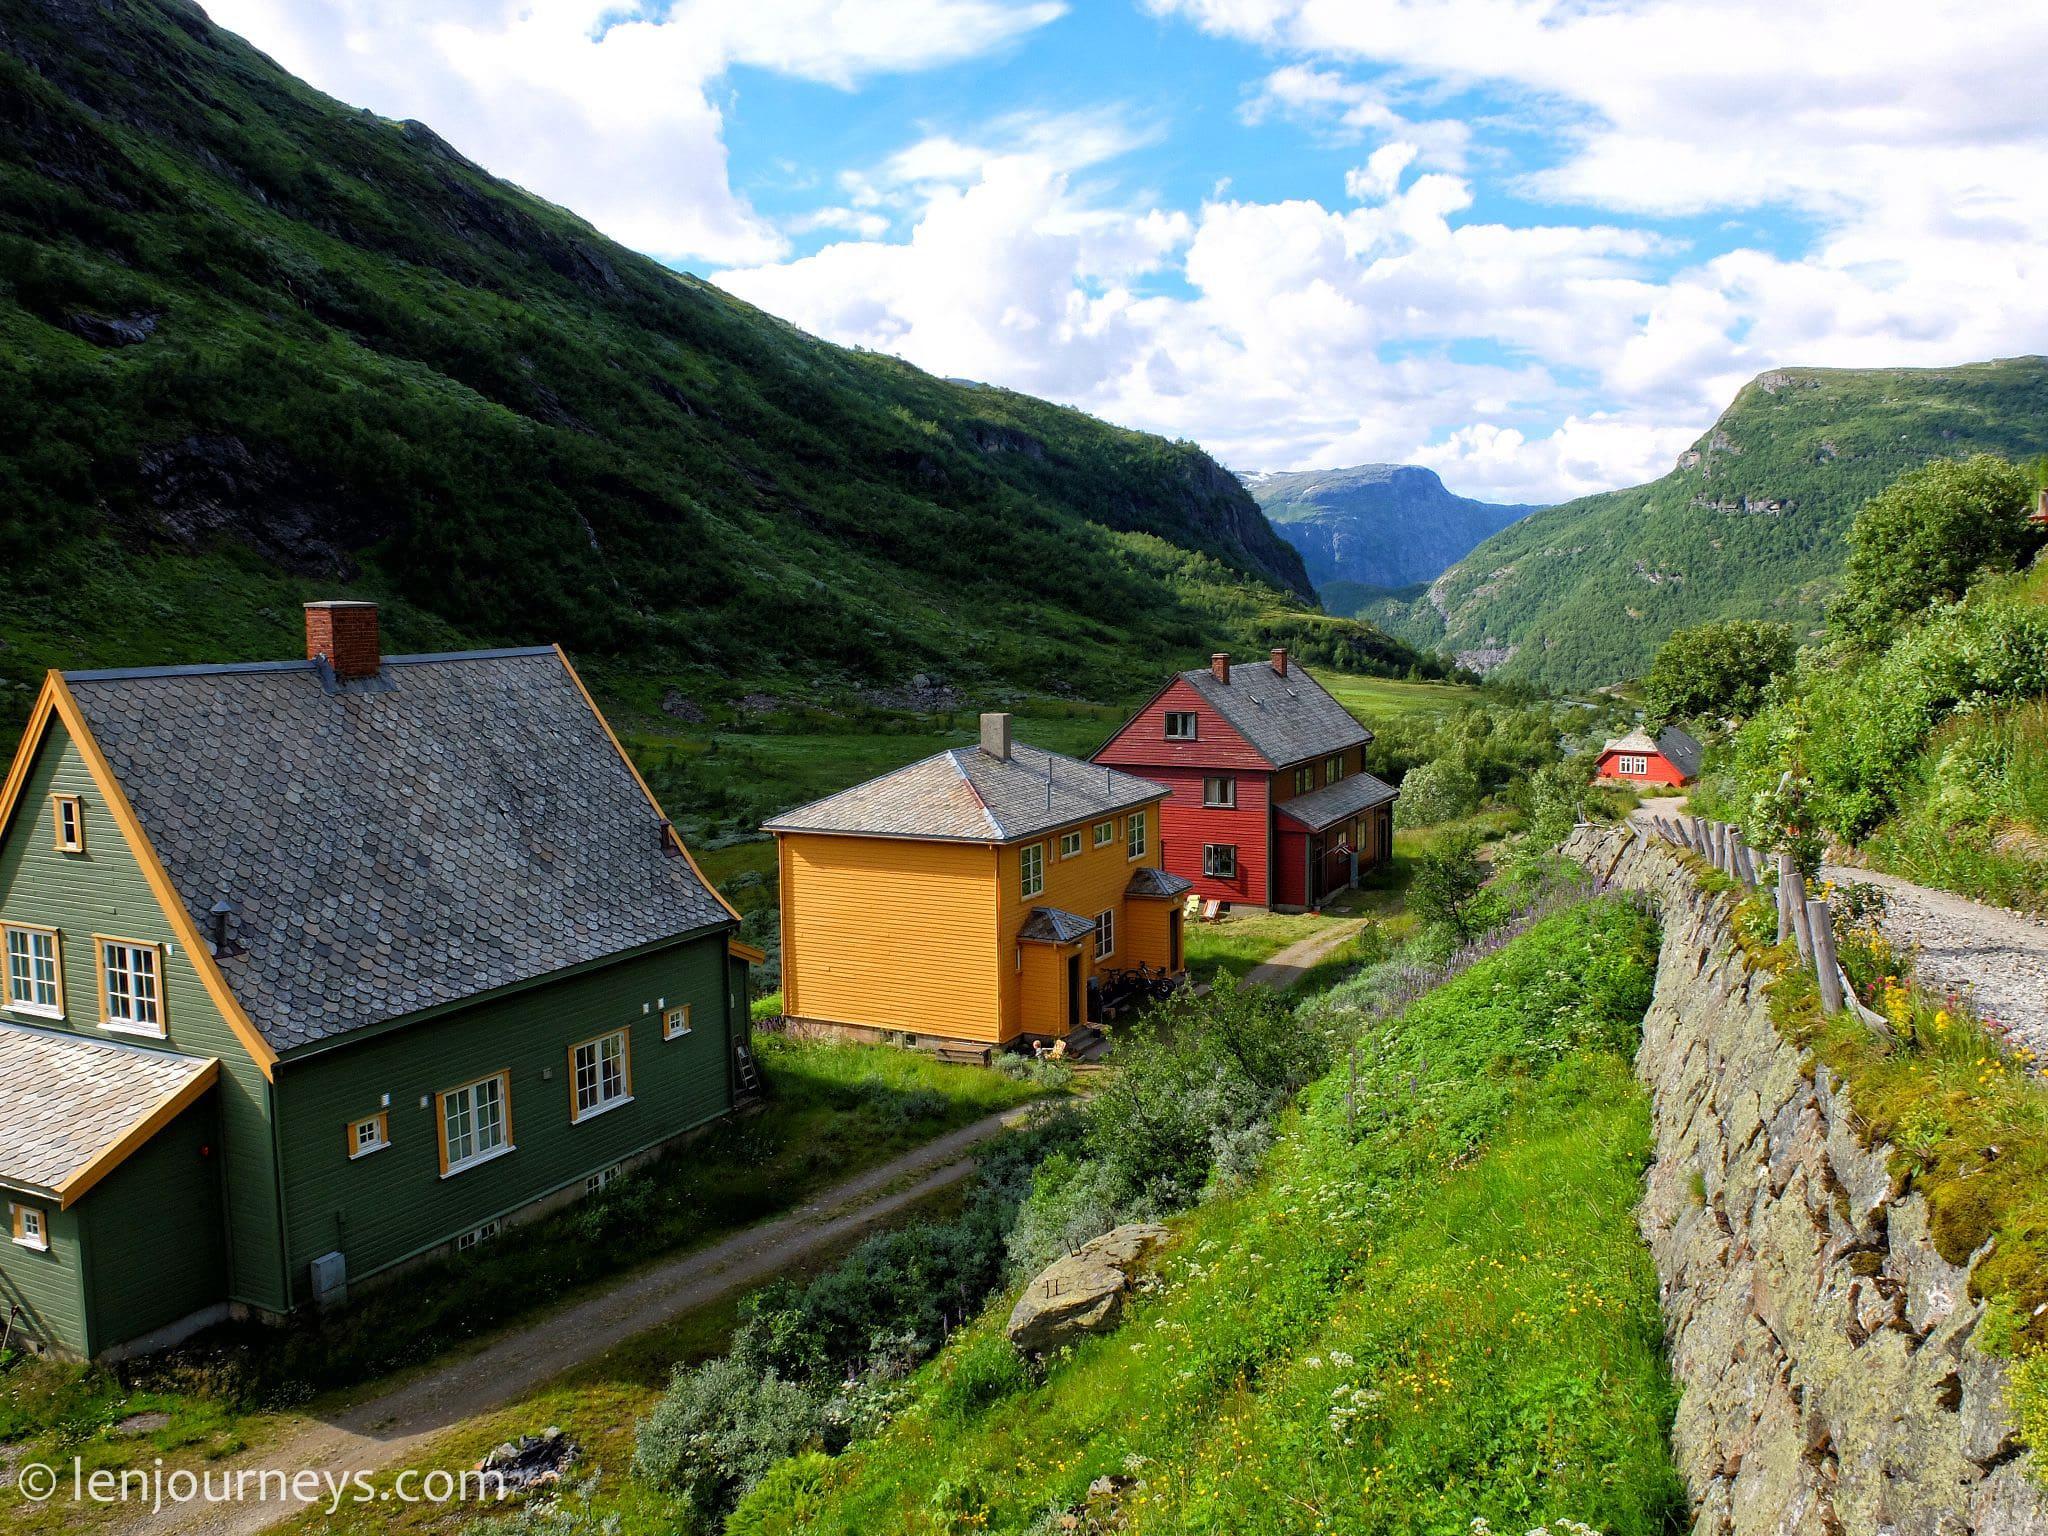 Houses in Myrdal, Norway